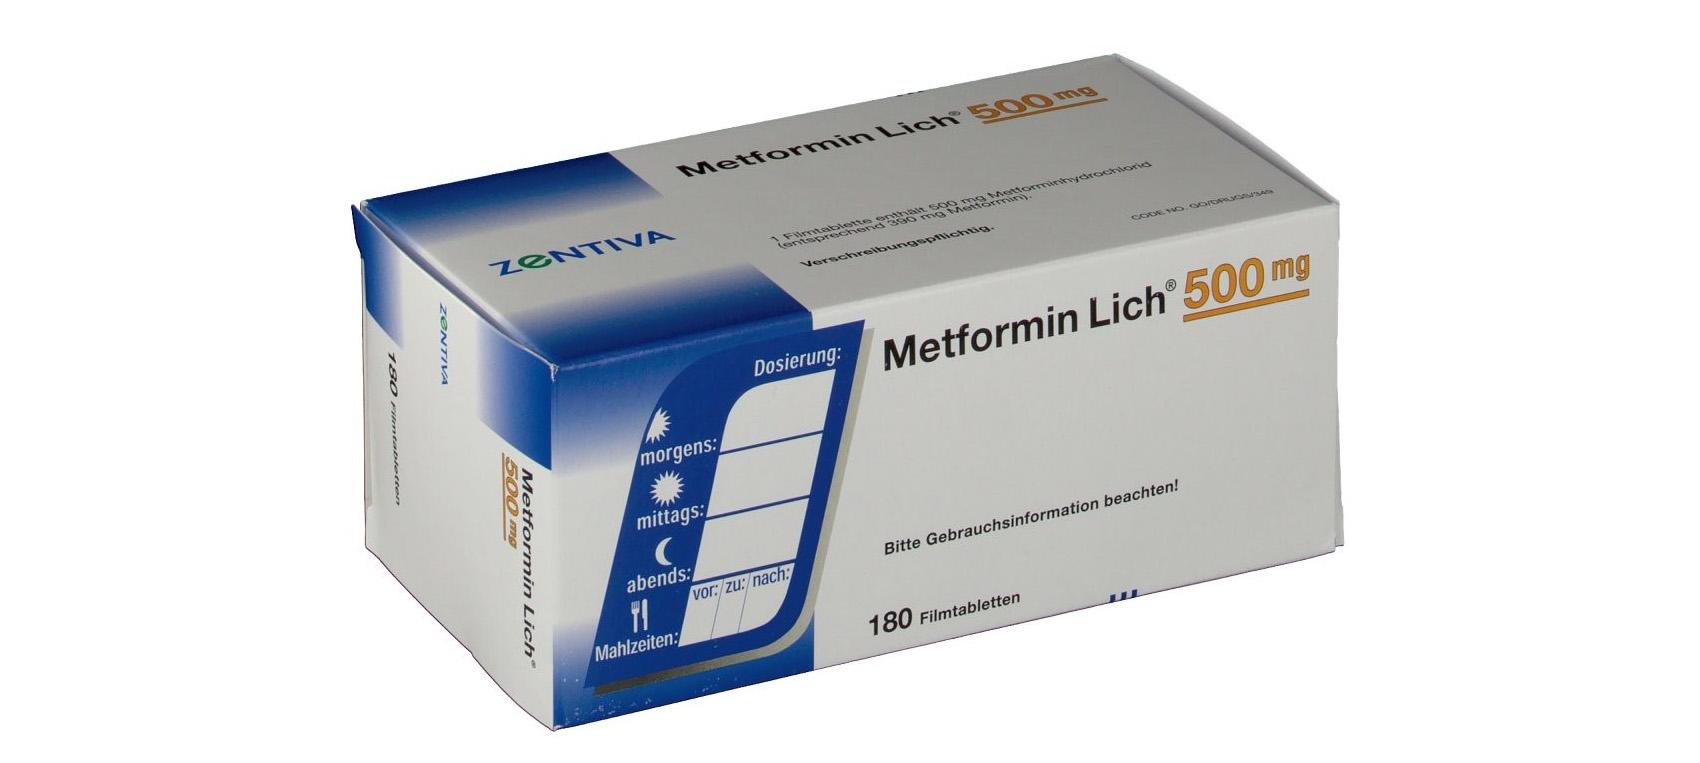 Метформин, по наблюдениям исследователей, уменьшает размер опухолей иснижает частоту эпилептических приступов, связанных стуберозным склерозом.